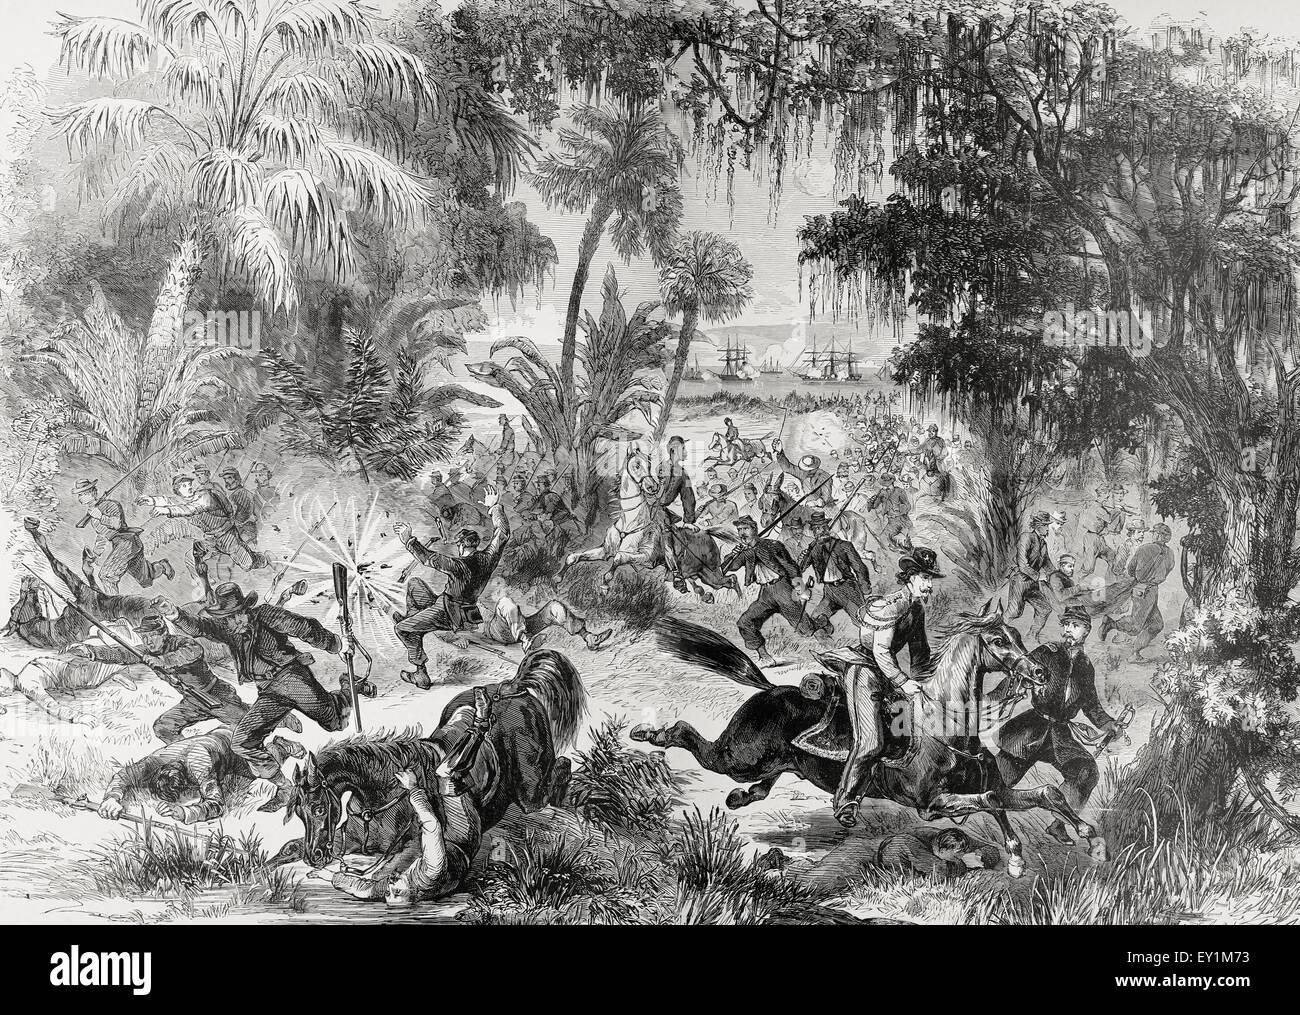 Ritiro del Presidio federale, comandato dal generale Drayton, da Fort Walker per Benton, durante il bombardamento Immagini Stock